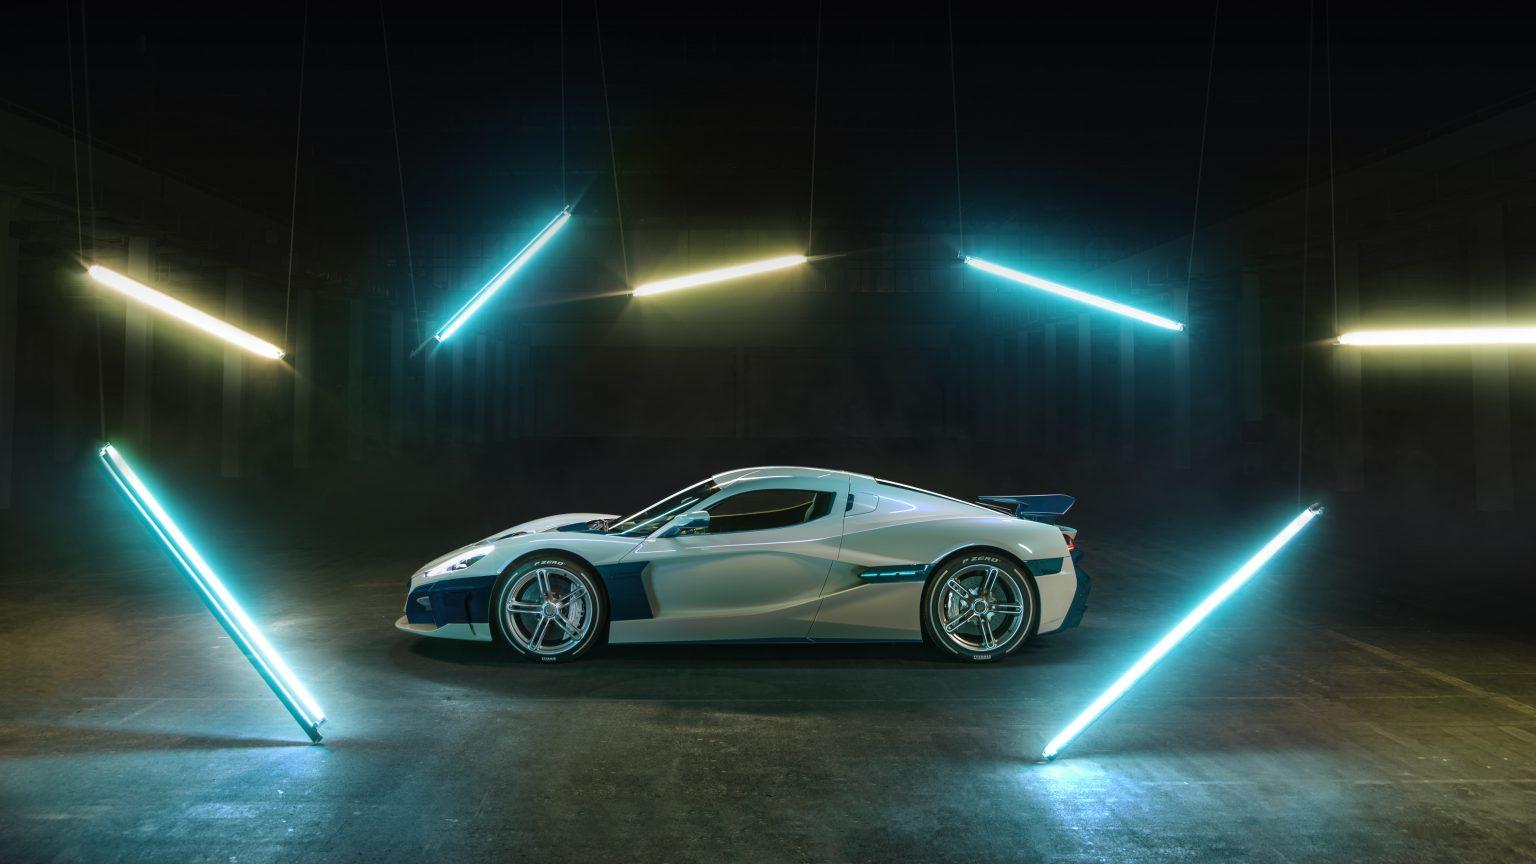 欧洲电动汽车市场大幕开启:超越特斯拉加速布局电动汽车及电池产业